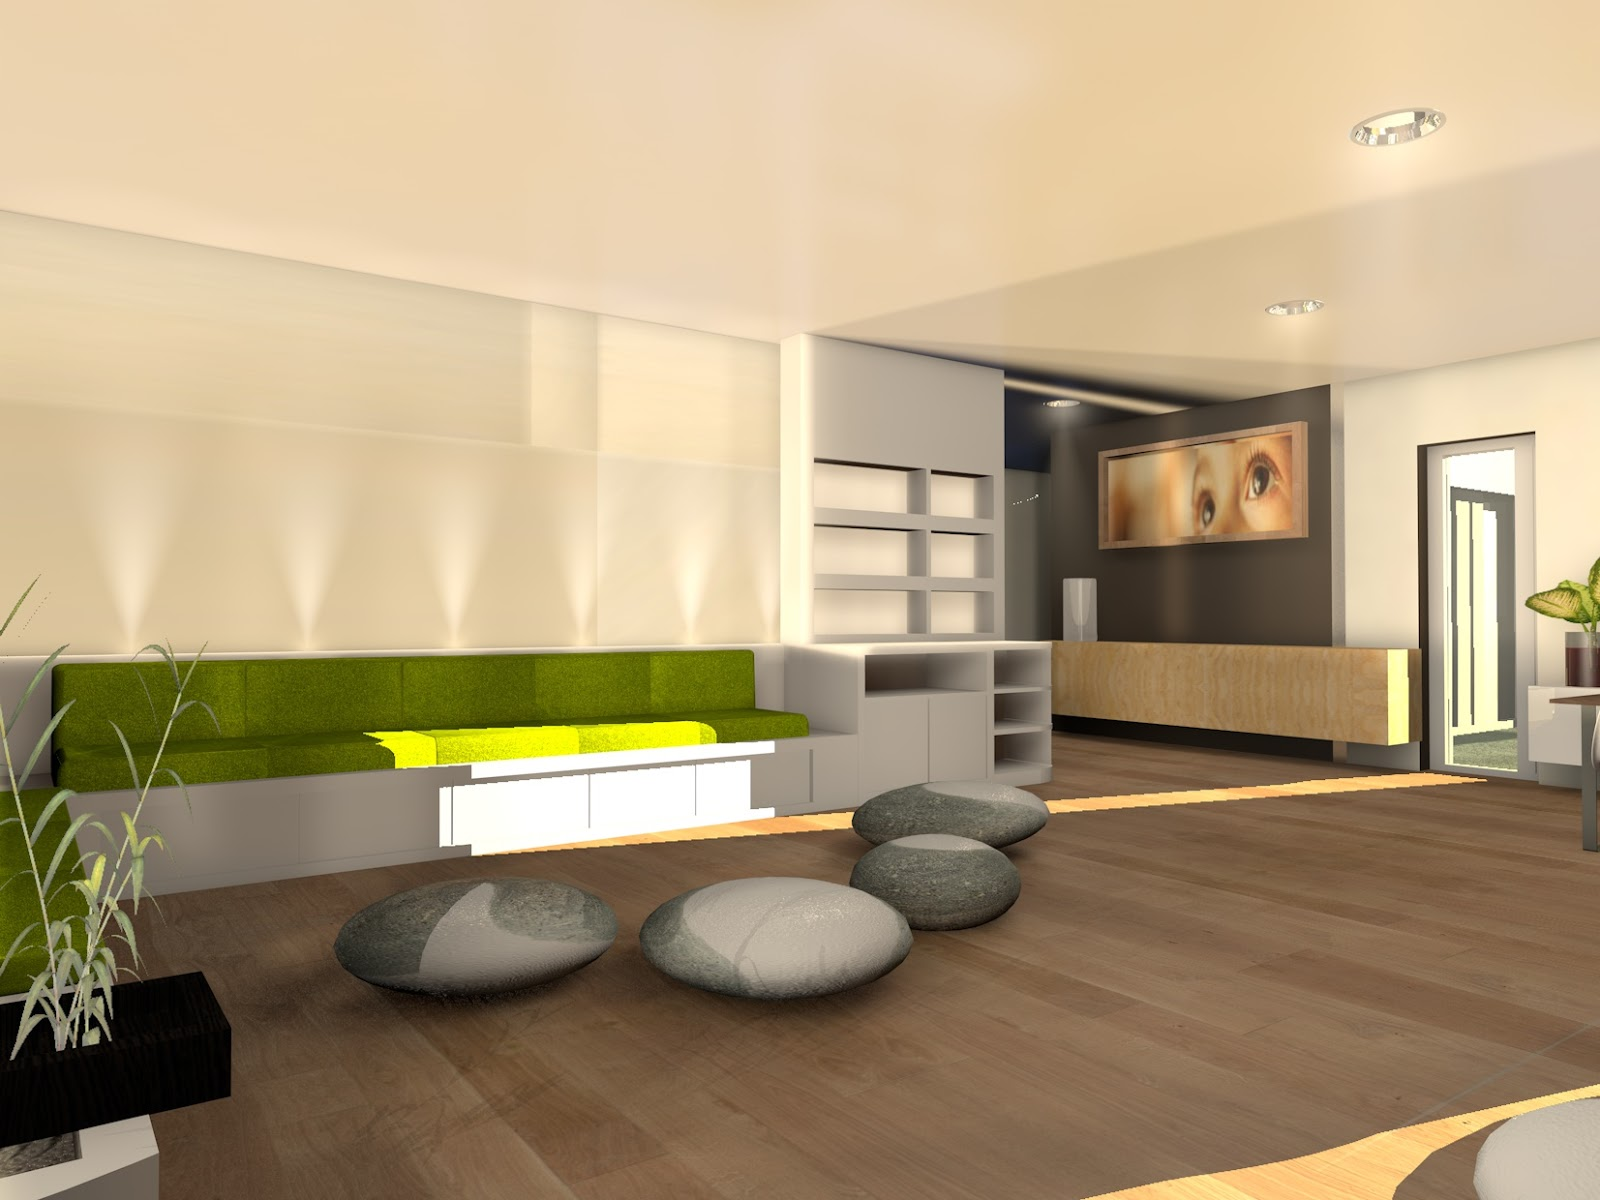 Blog archi d co design maison zen pr s de ch teauroux for Deco design maison